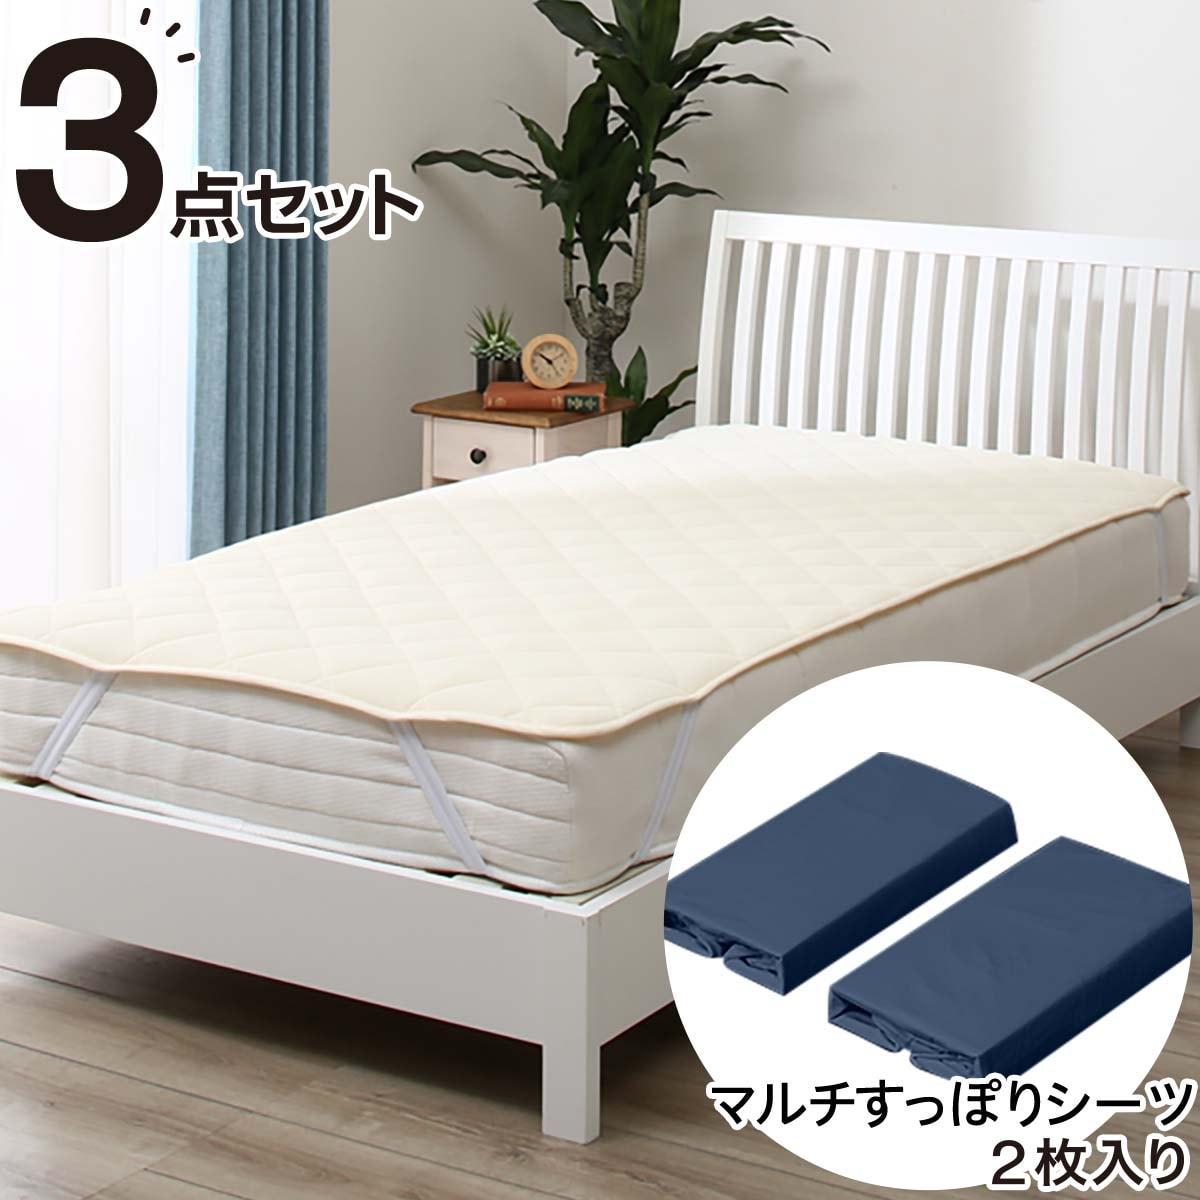 【3点セット】ベッドパッド&マルチすっぽりシーツ セミダブル(メッシュ NV SD) ニトリ 【送料無料・玄関先迄納品】